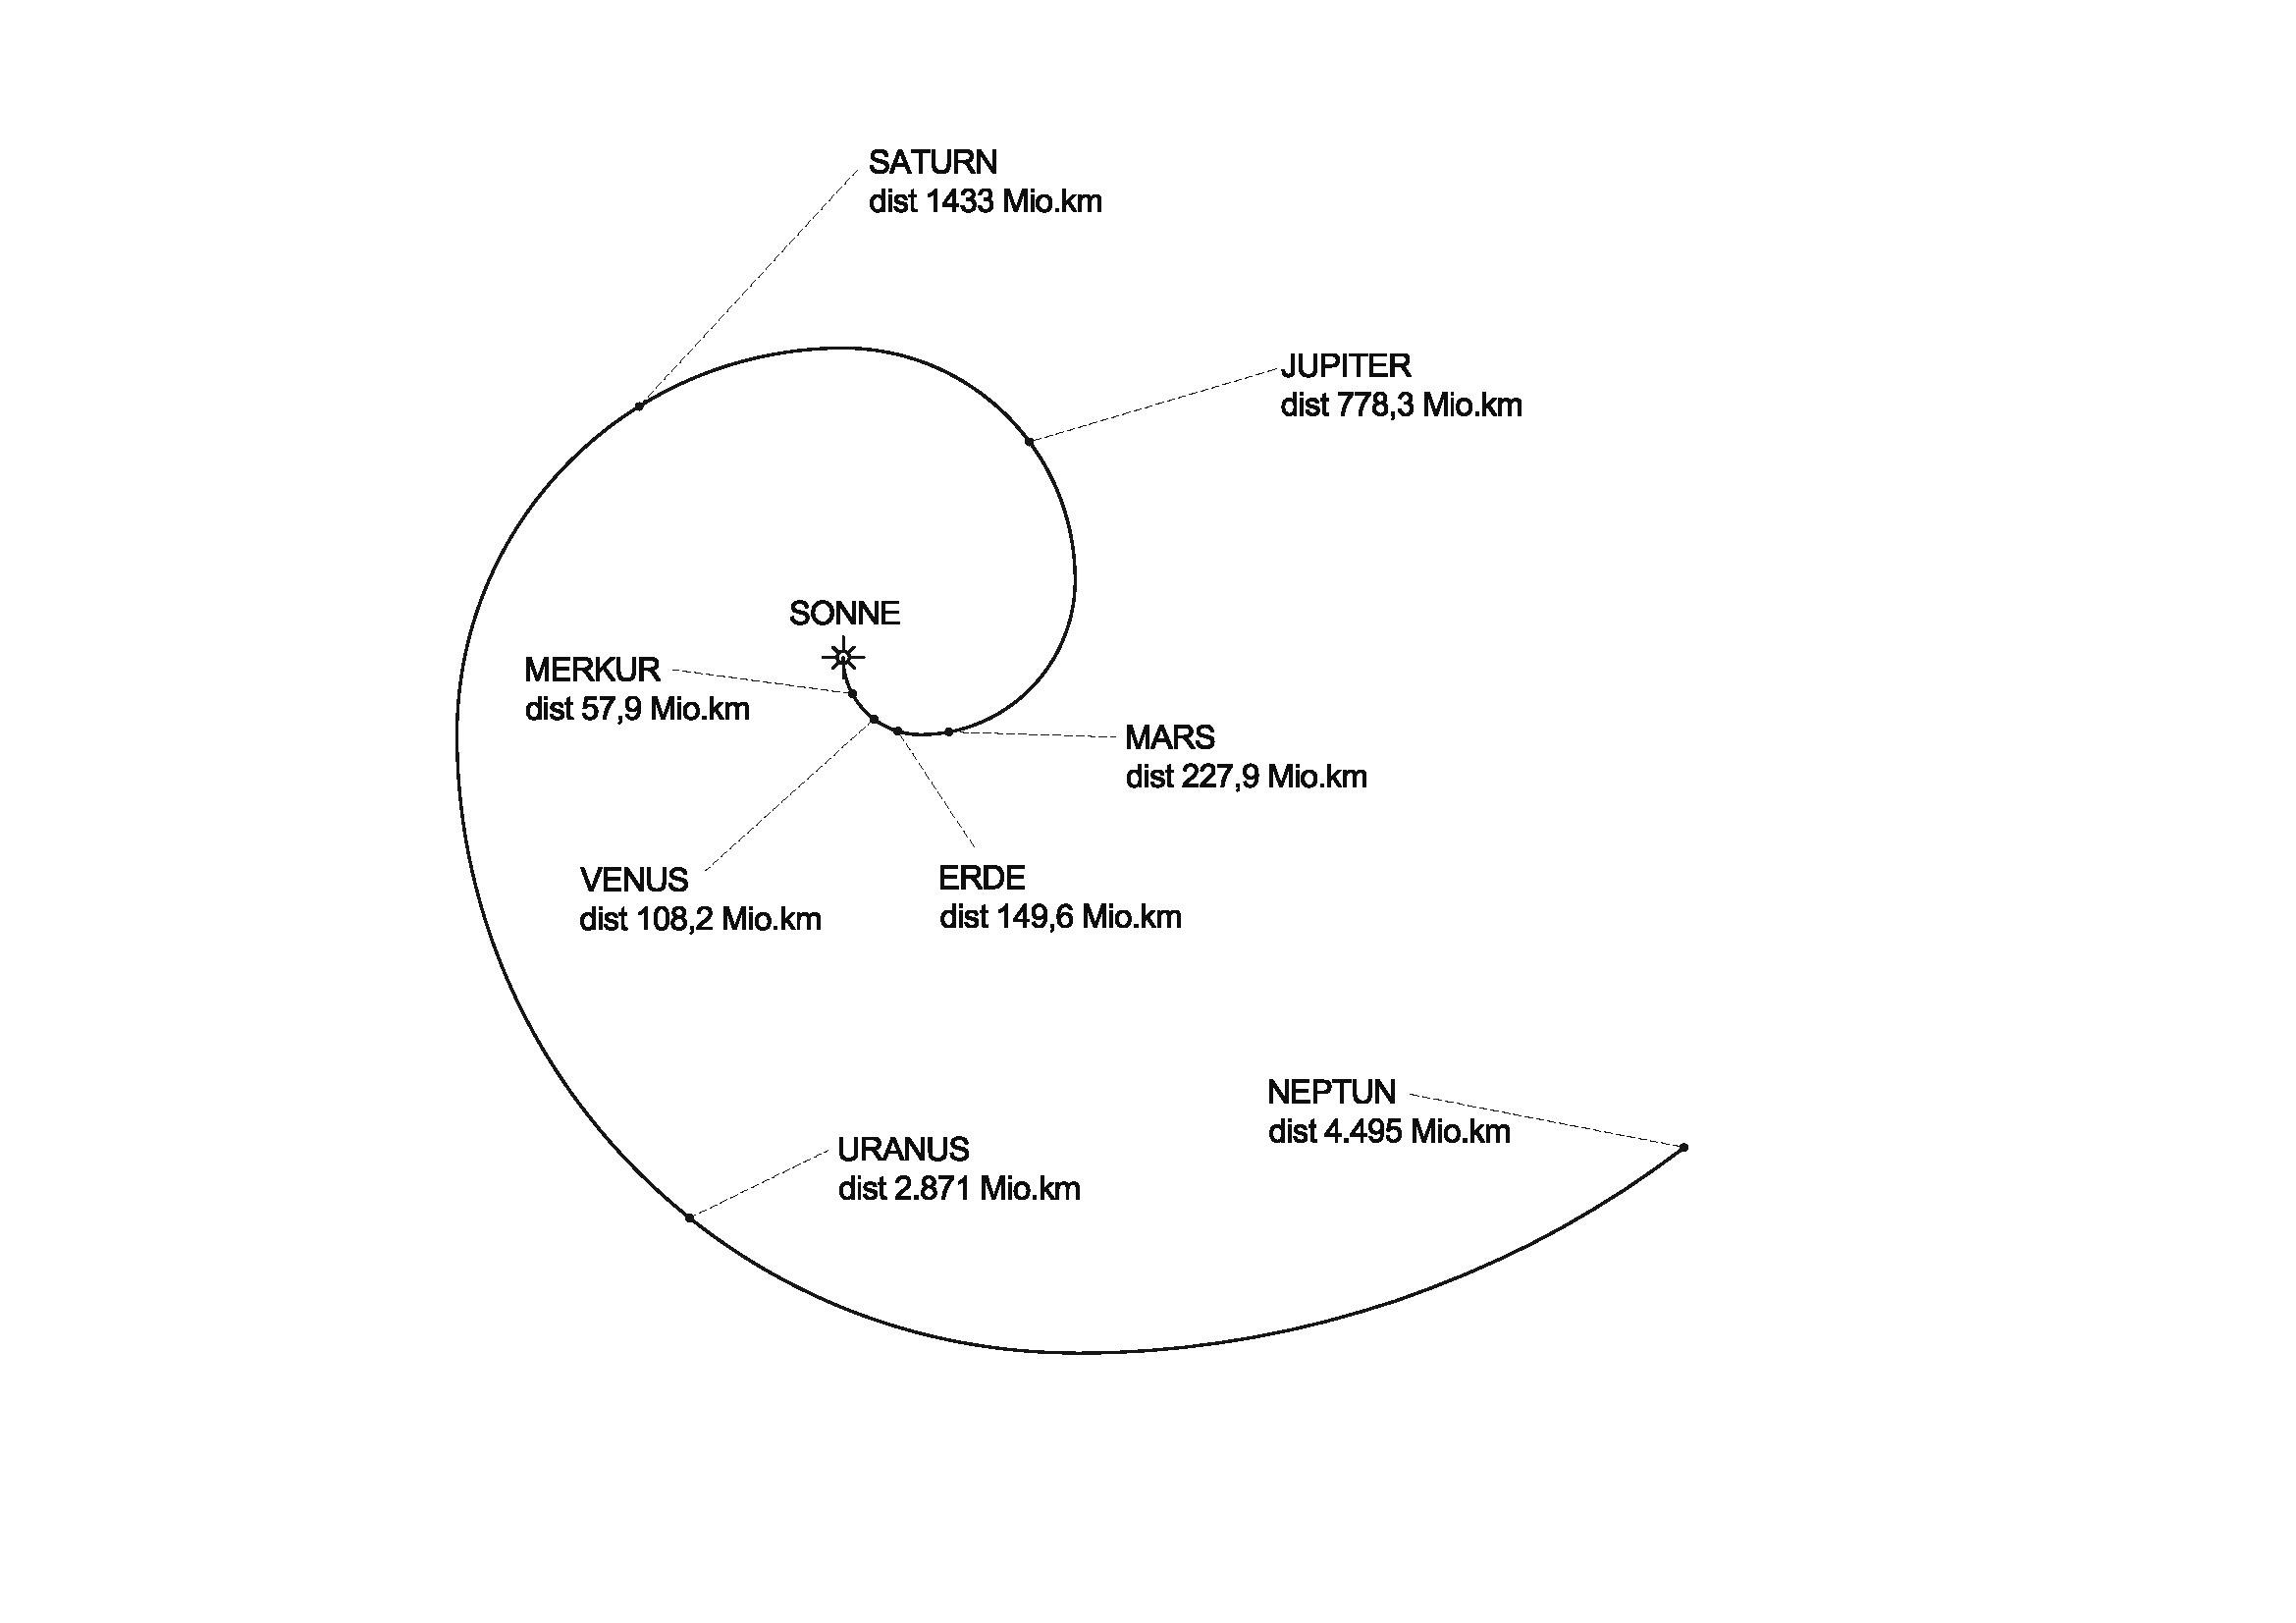 Solimeter - Darstellung der Entfernungen der Planeten zur Sonne